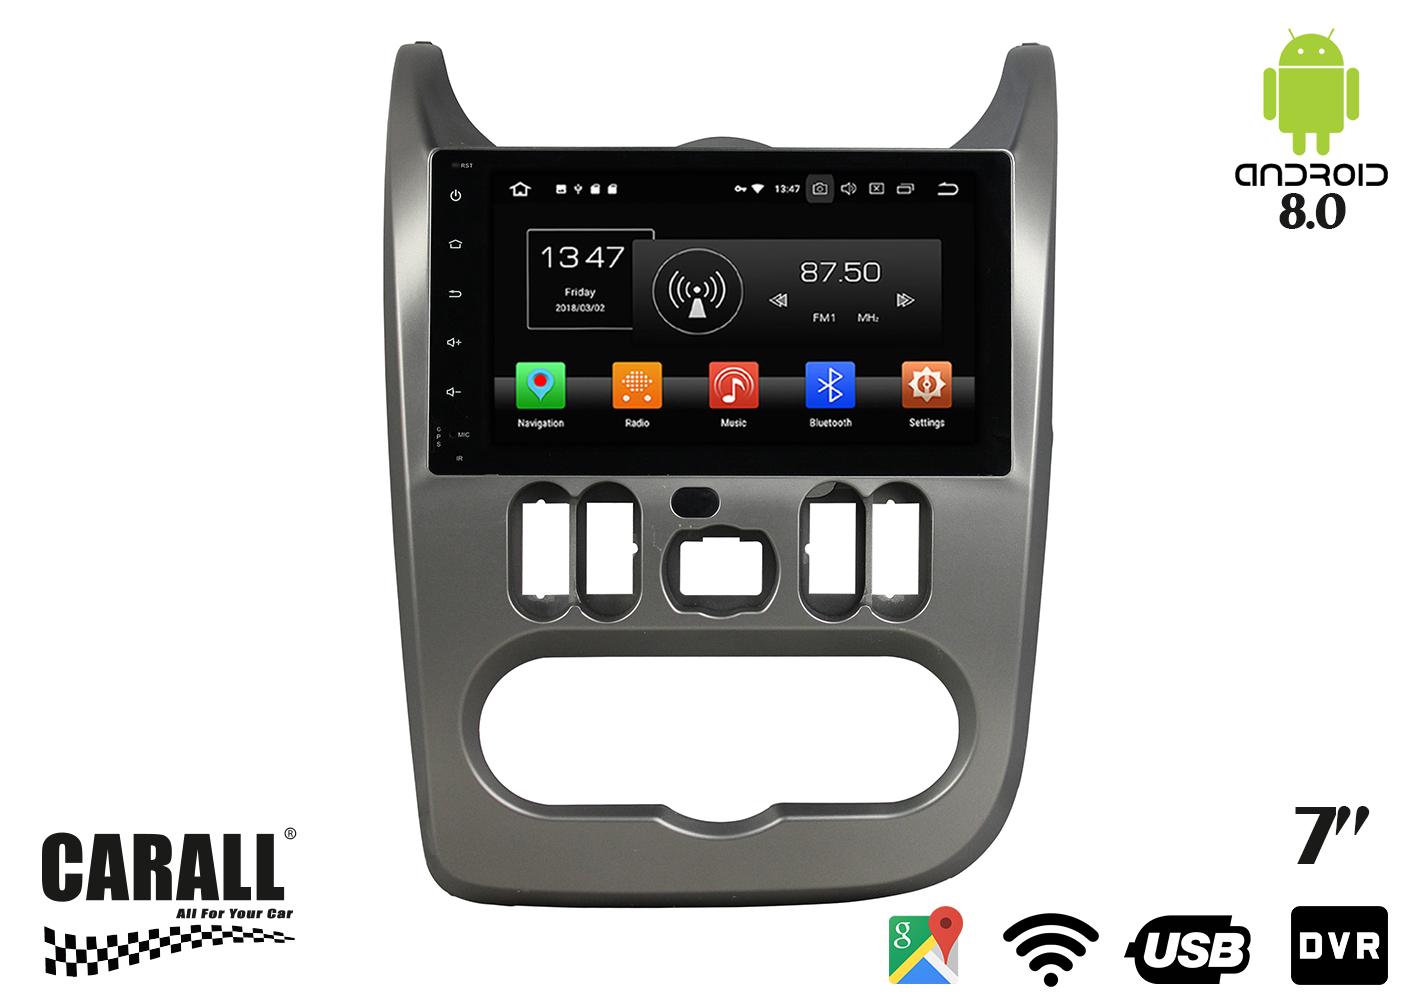 Autoradio Android 8,0 Dacia Sandero GPS DVD USB SD WI-FI Bluetooth Navigatore - KIT